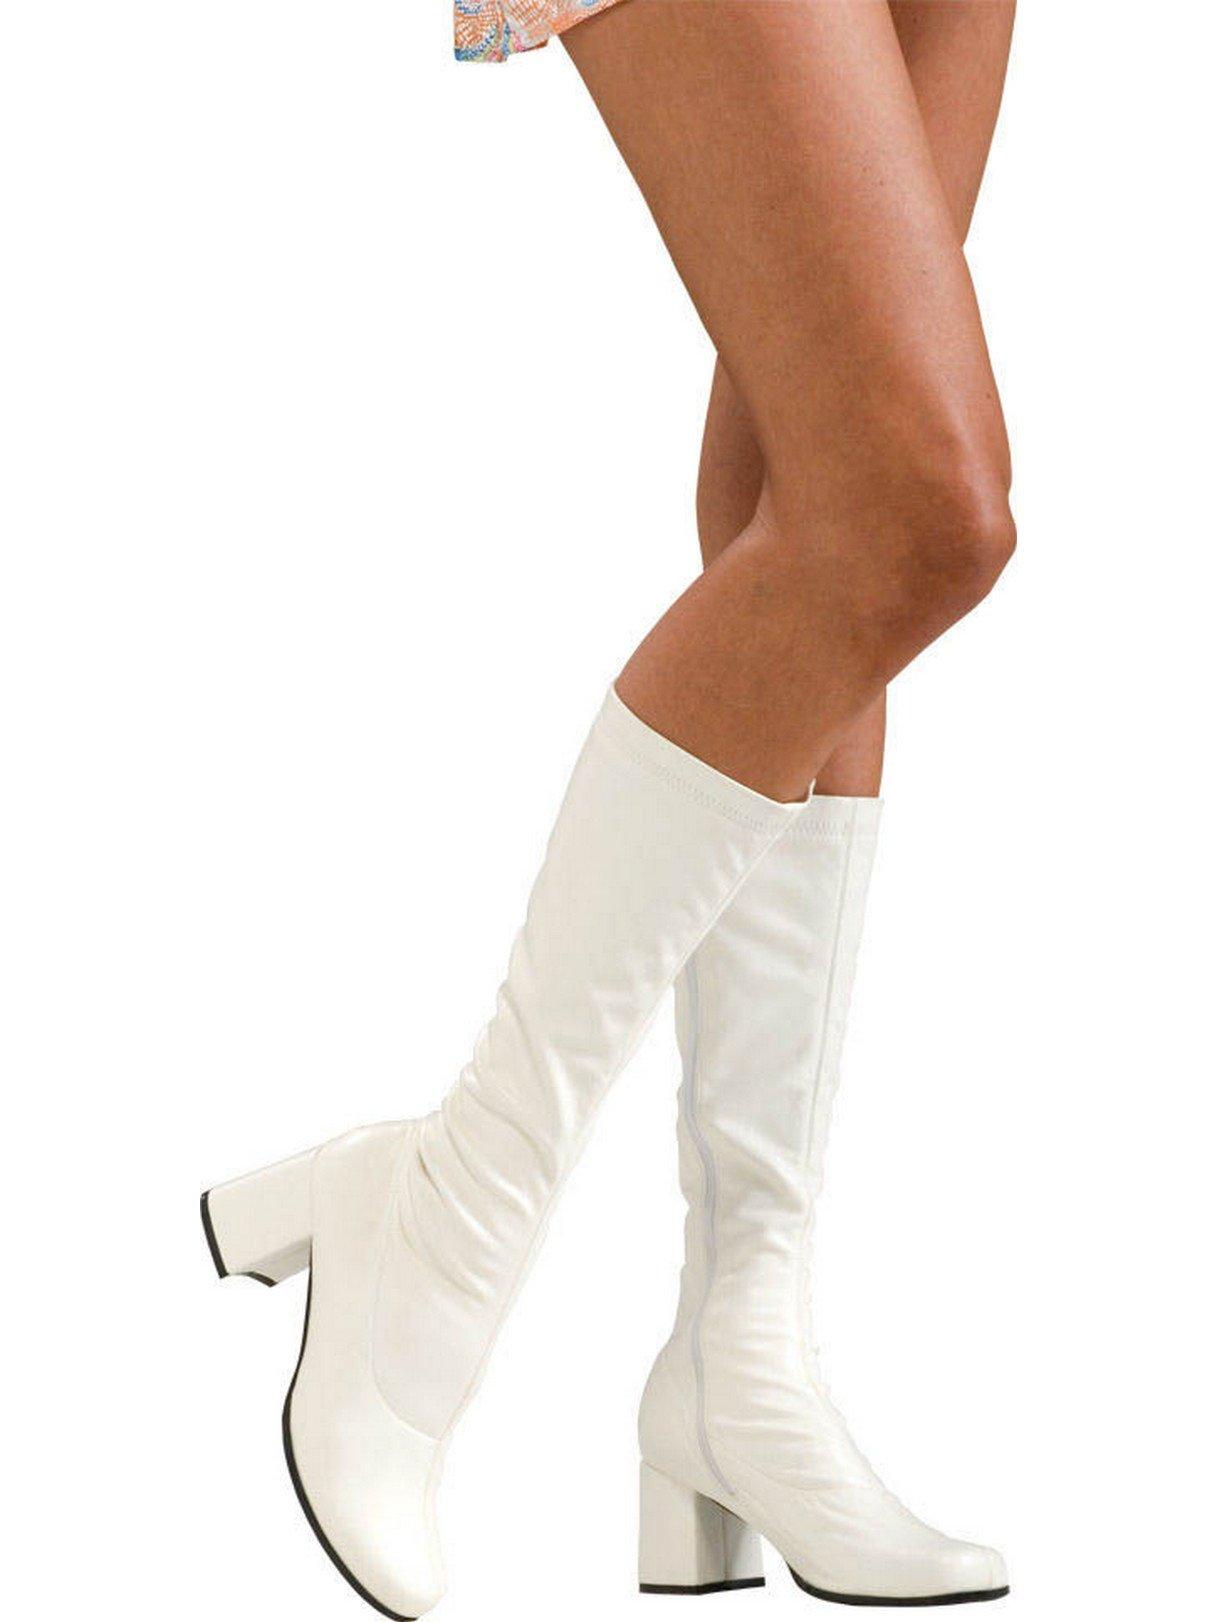 Secret Wishes Go-Go Boots, White, Medium